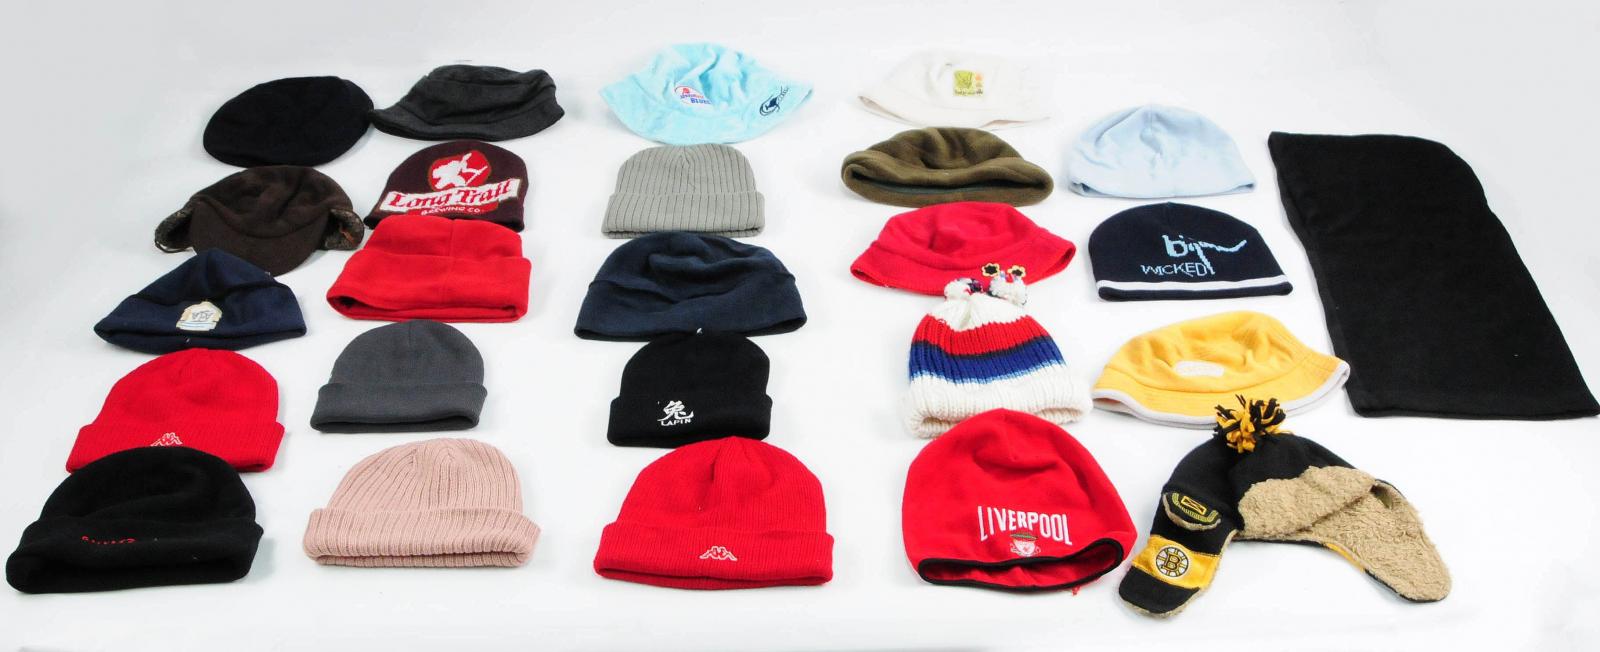 Недорогие шапки для парней и девушек оптом